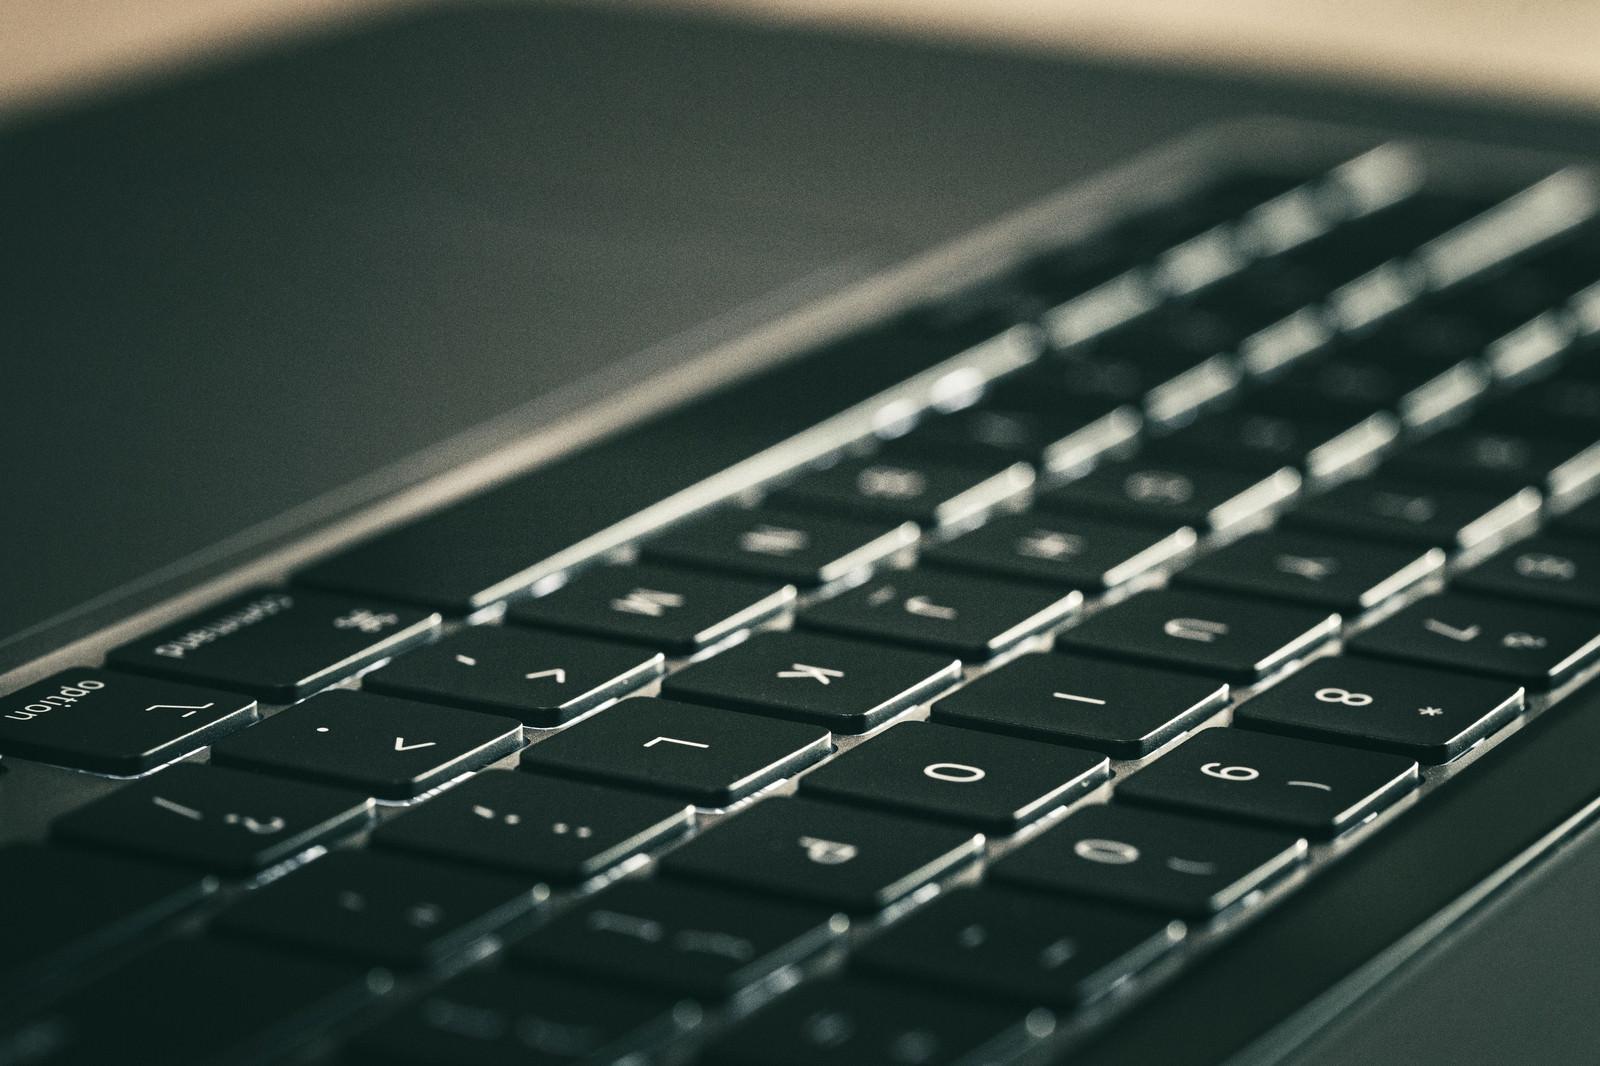 「マットな質感のキーボード」の写真